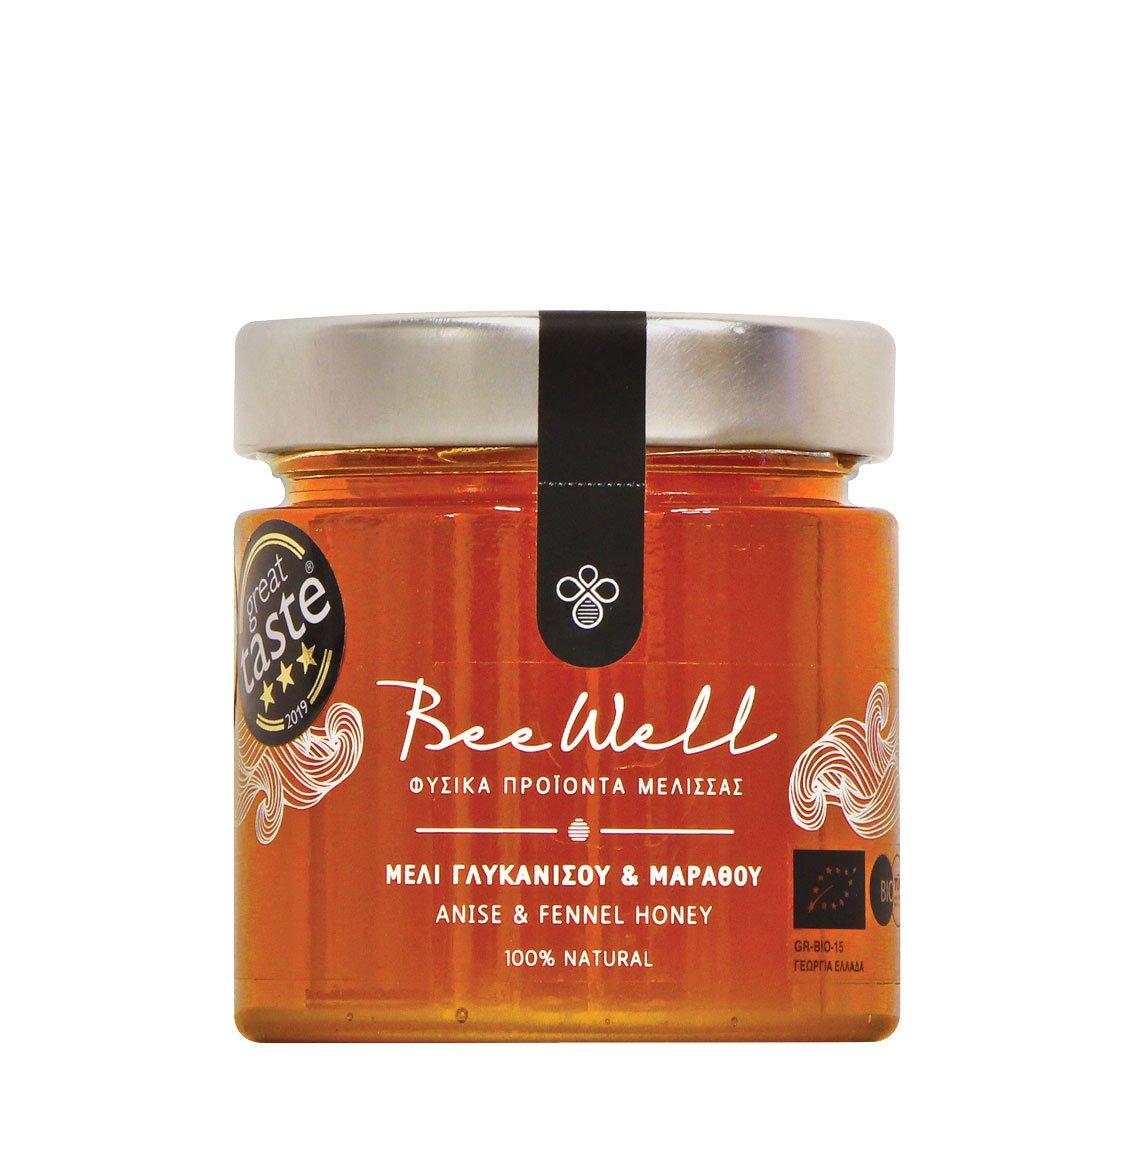 Μέλι Γλυκάνισου Και Μάραθου Beewell Anise and Fennel Honey 300g